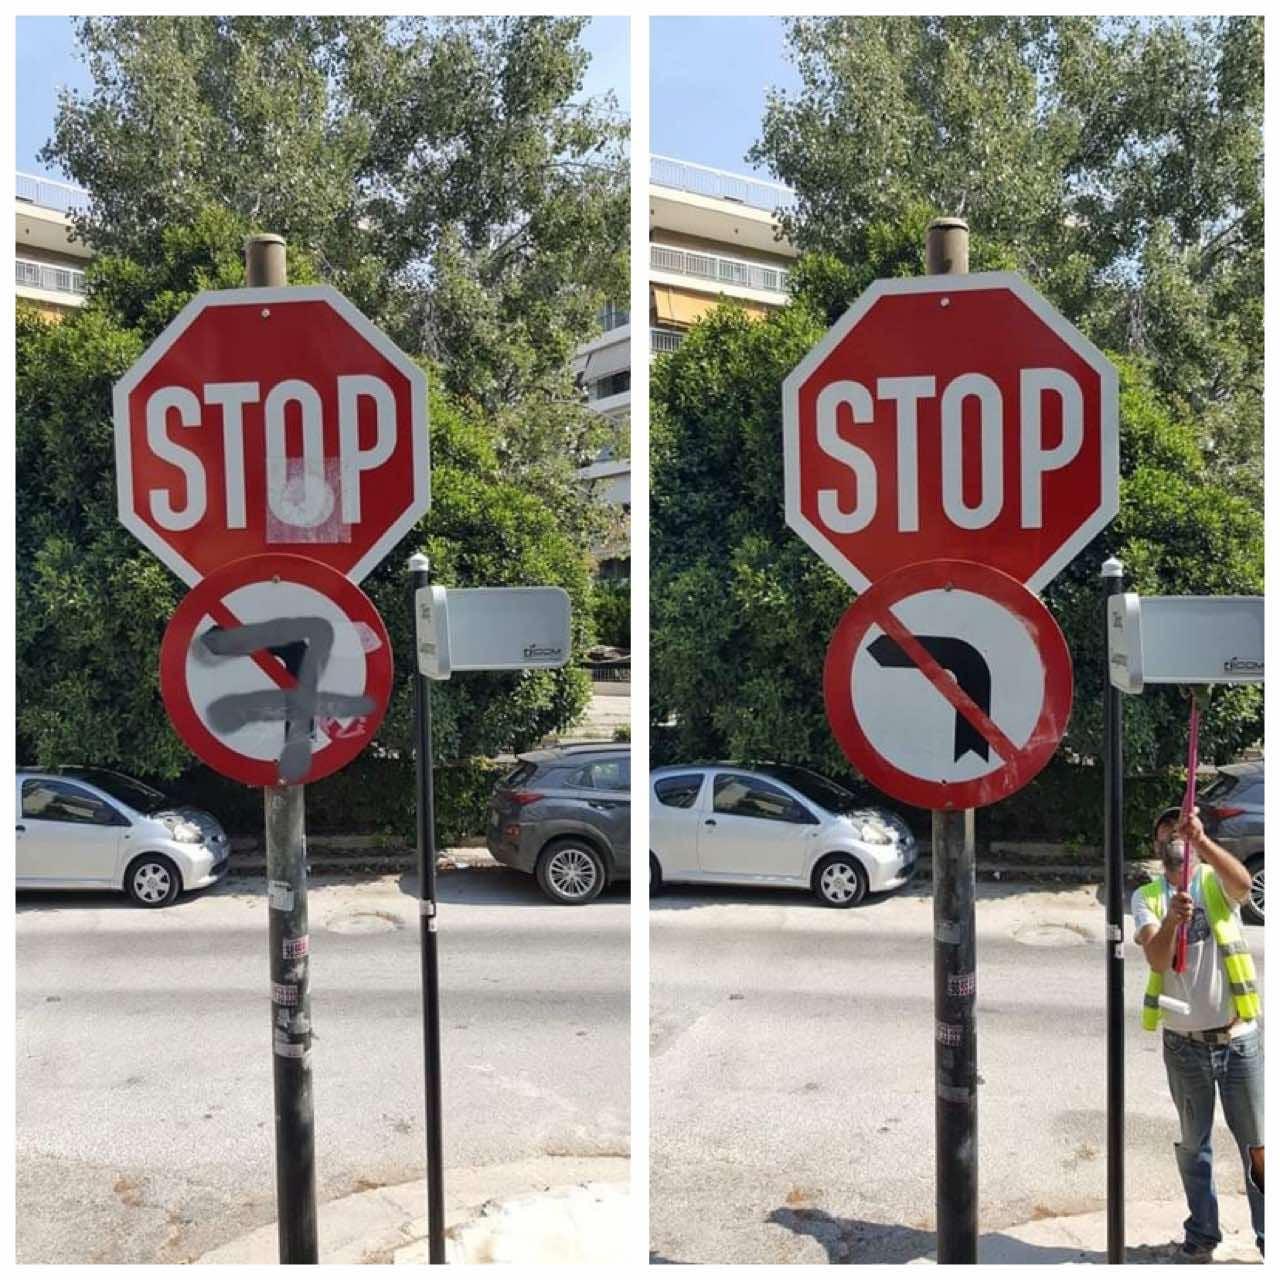 Αφαίρεση αυτοκόλλητων και γκράφιτι από τις πινακίδες- Η ανάρτηση του Ανδρέα Κονδύλη